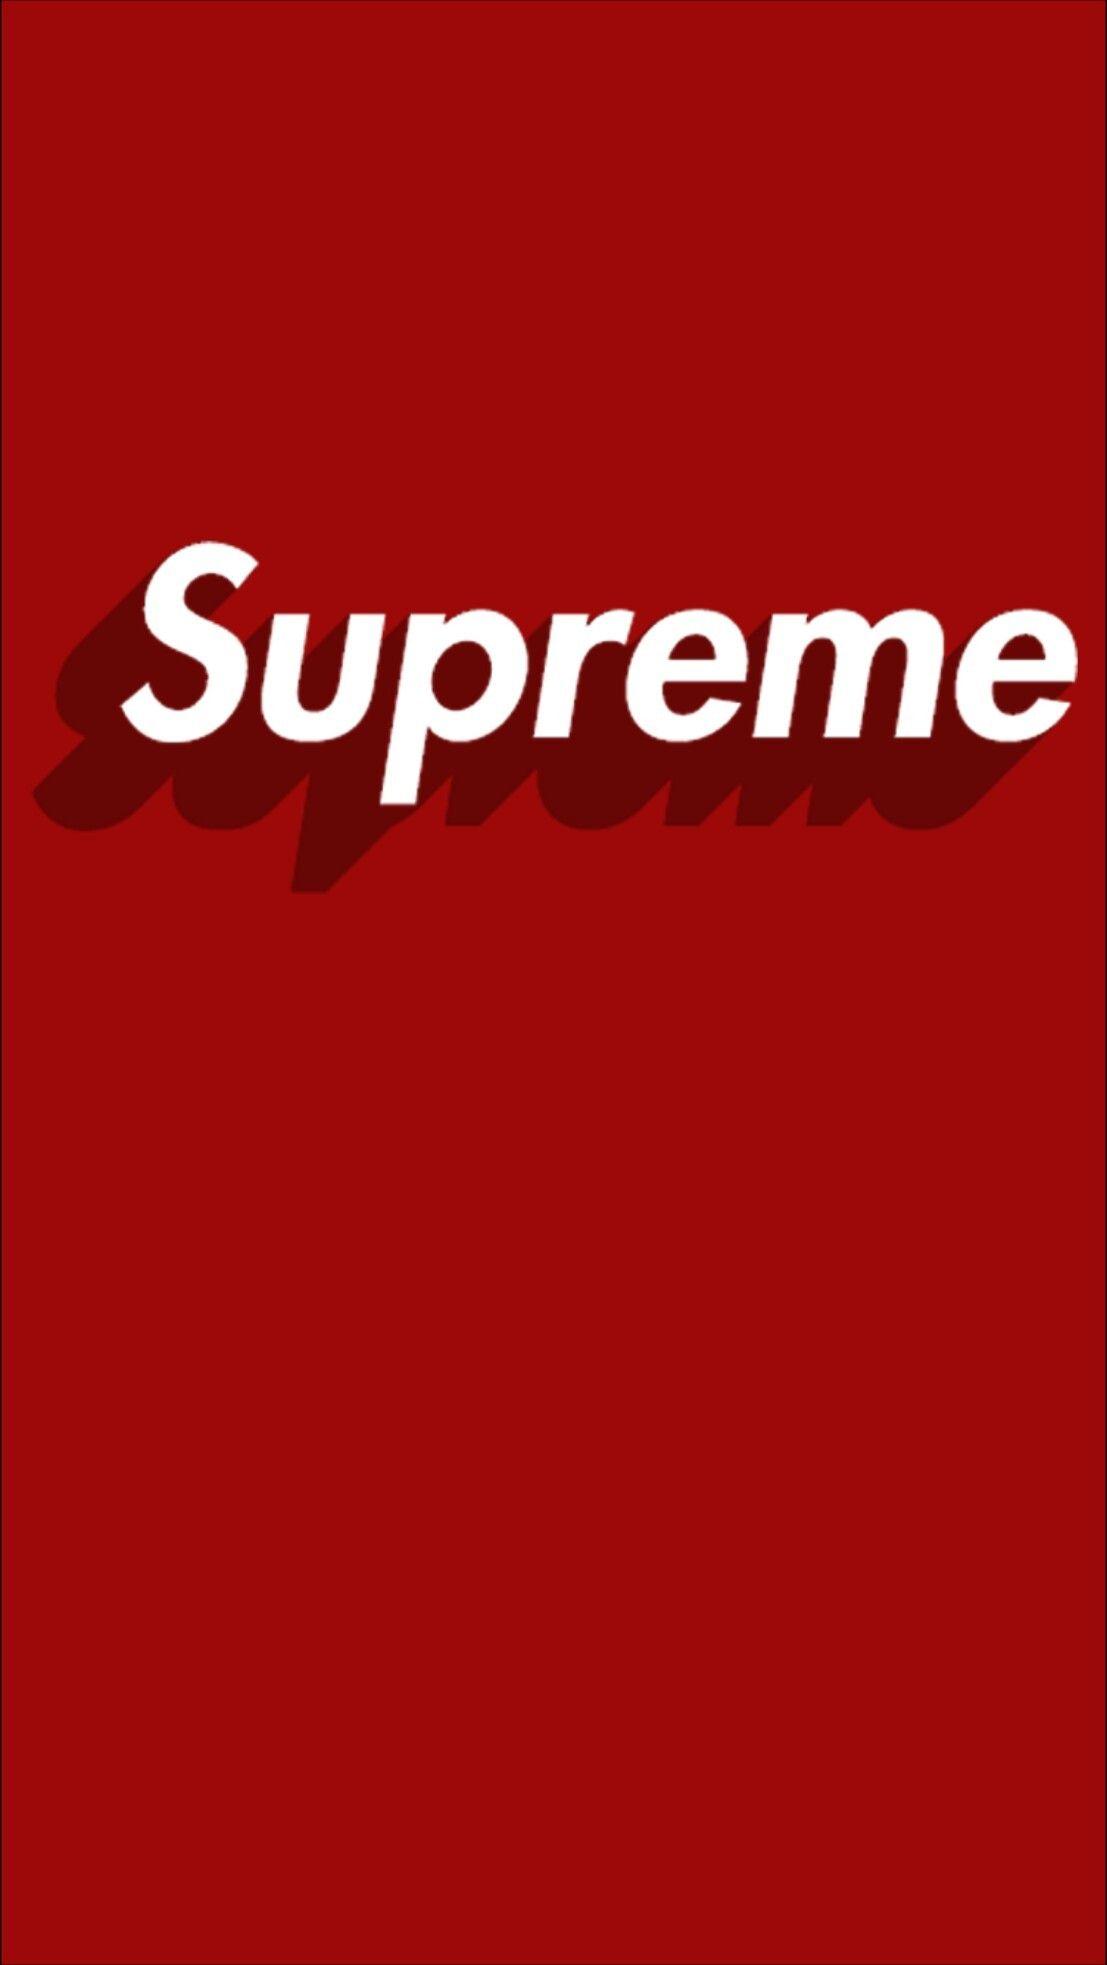 48 Gucci Iphone Wallpaper Supreme On Wallpapersafari In 2020 Supreme Iphone Wallpaper Supreme Wallpaper Hd Supreme Wallpaper